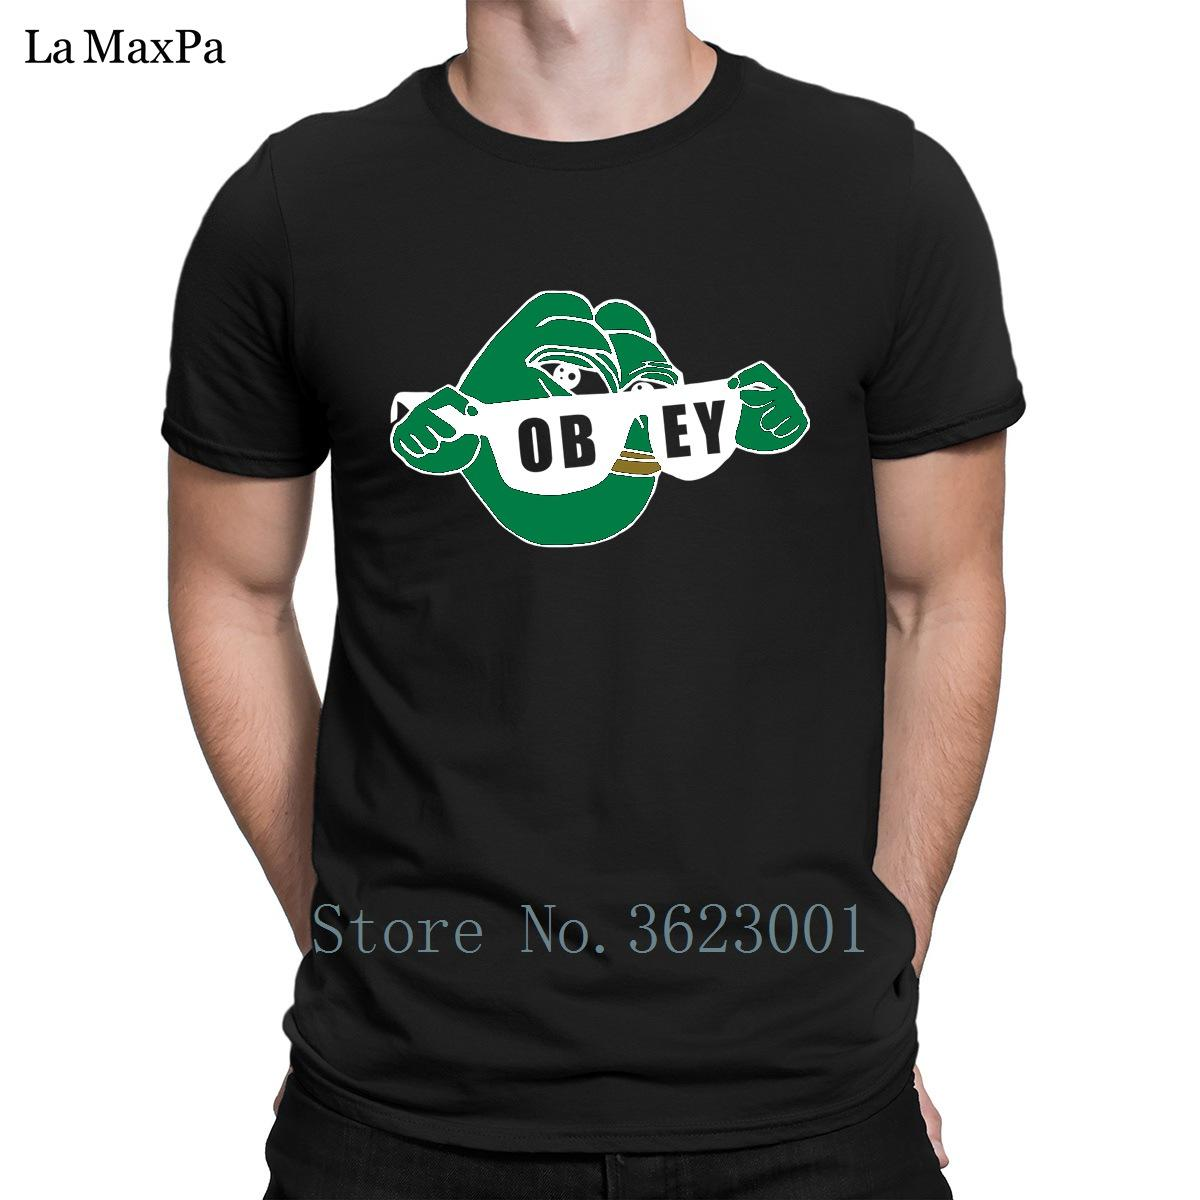 Забавный уникальный Мужская майка ом Пепе солнцезащитные очки лягушка повиноваться футболка лучше футболка человек s-размер 3XL тройник рубашка милый